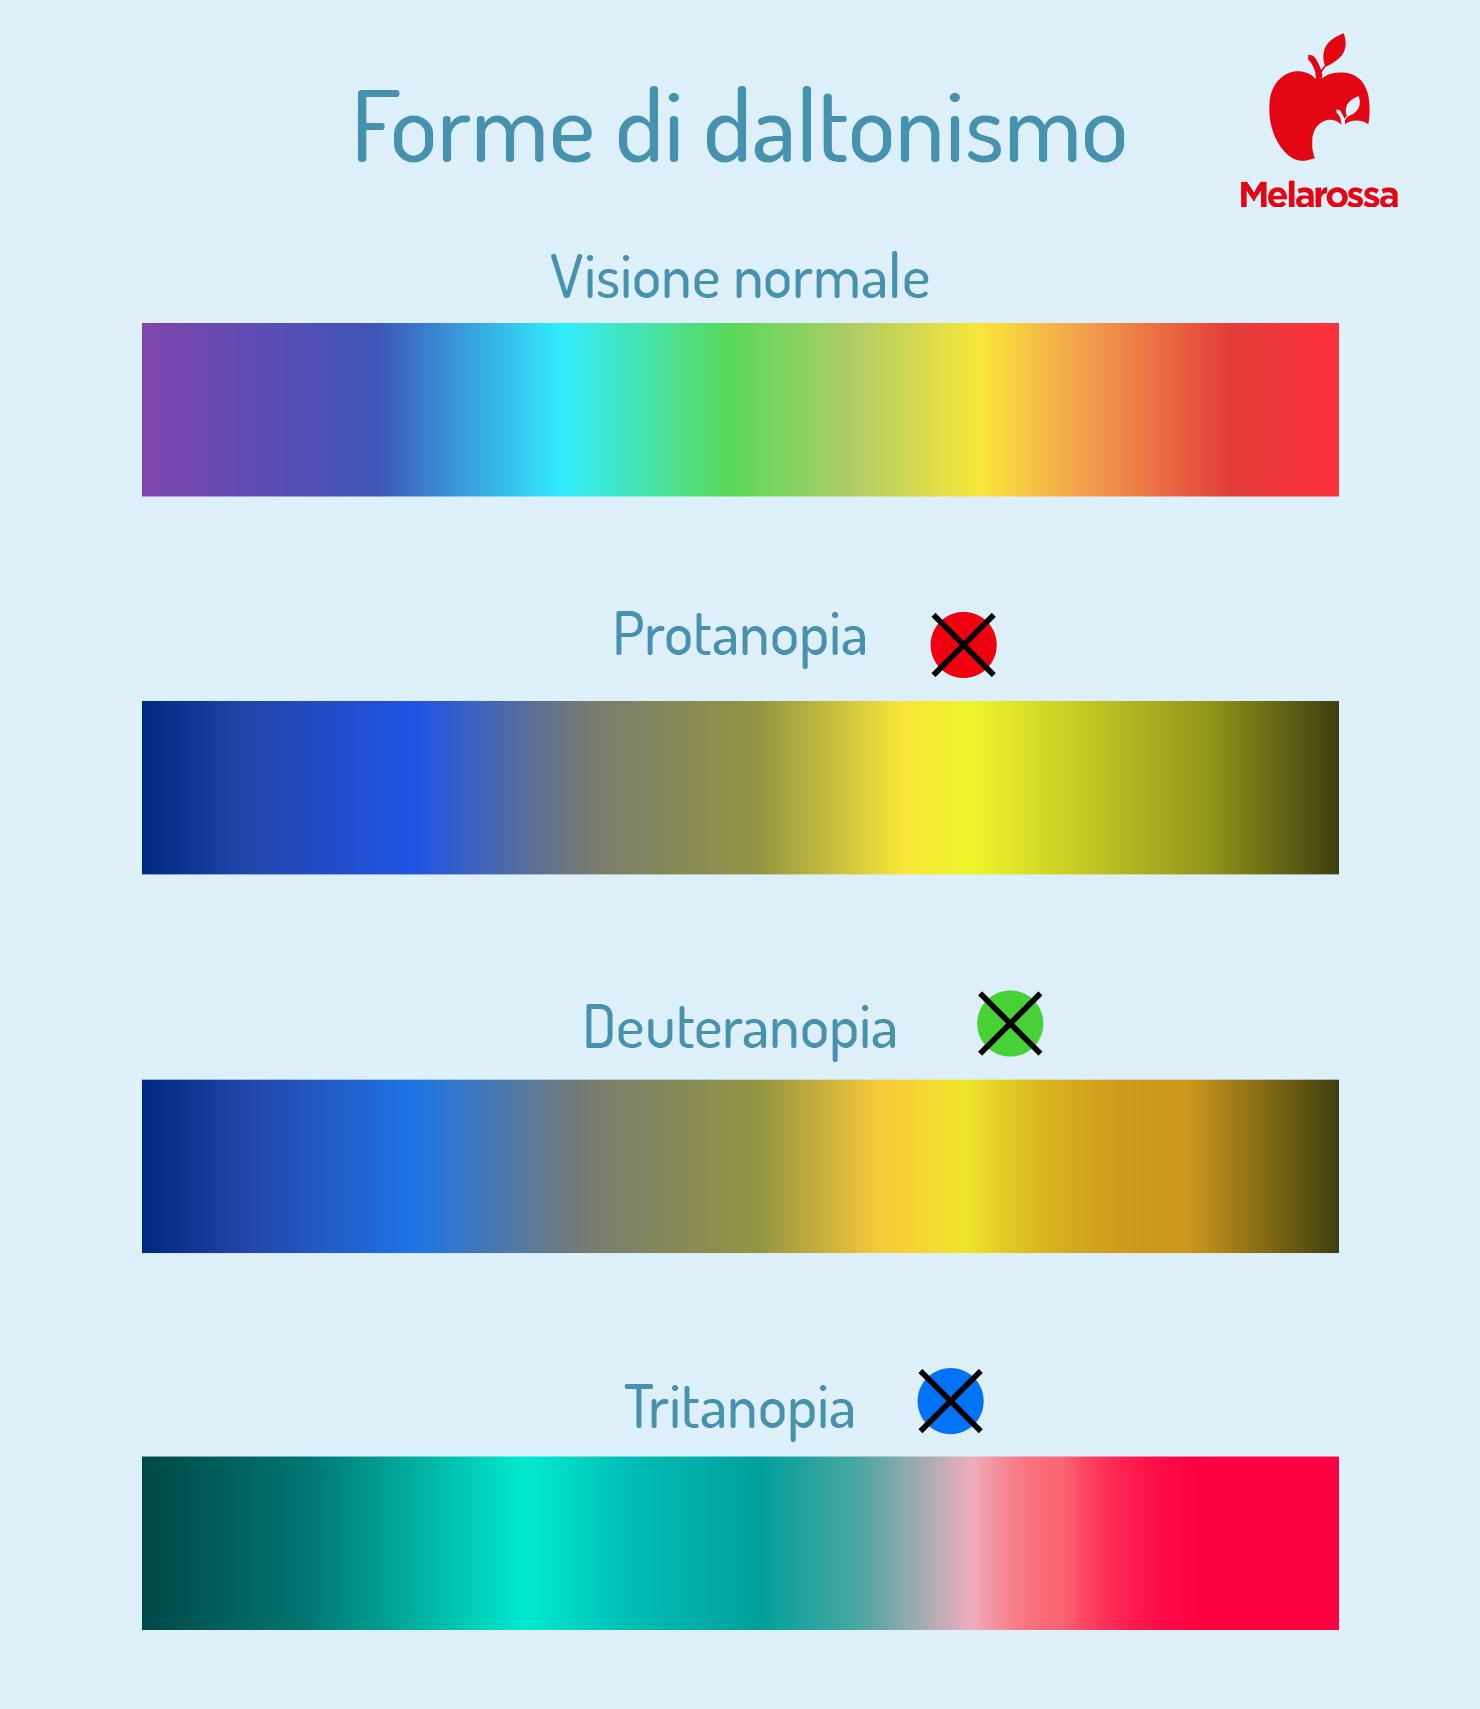 forme di daltonismo